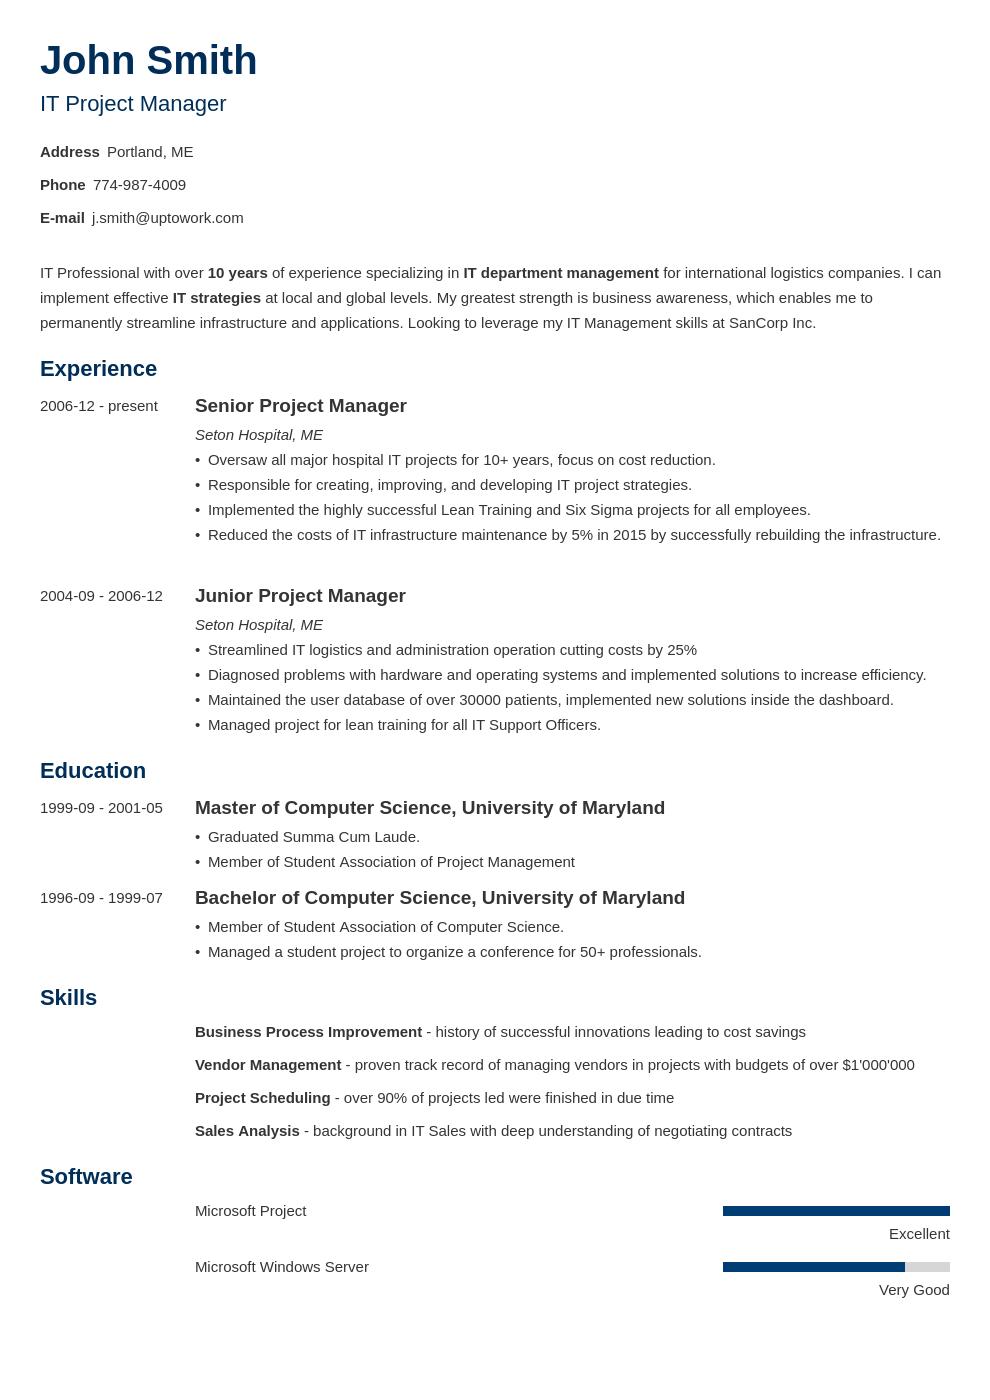 Modèle de CV professionnel Minimo